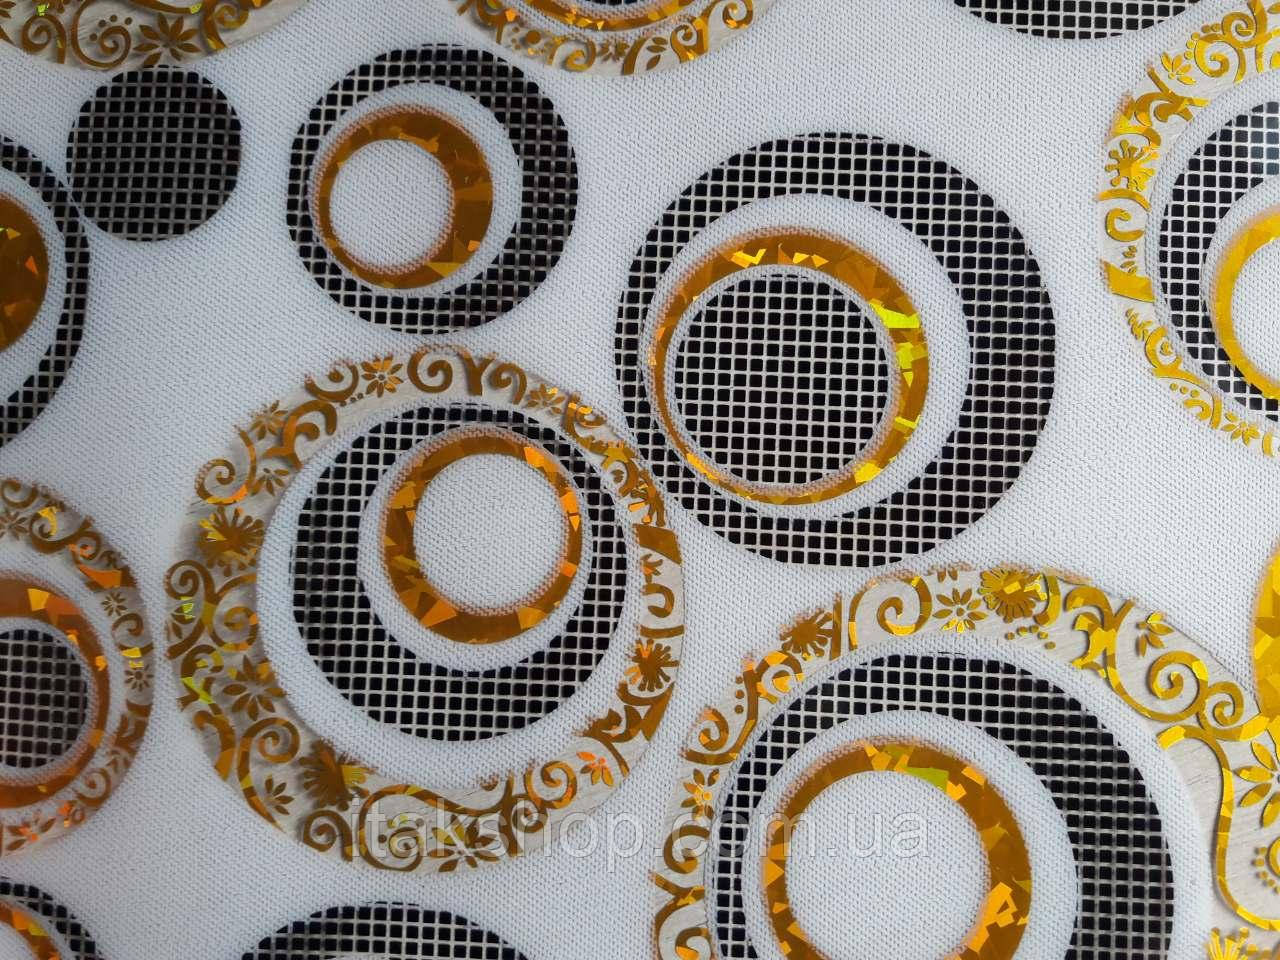 М'яке скло Скатертину з лазерним малюнком для меблів Soft Glass 1.5х0.8м товщина 1.5 мм Кола на білому тлі